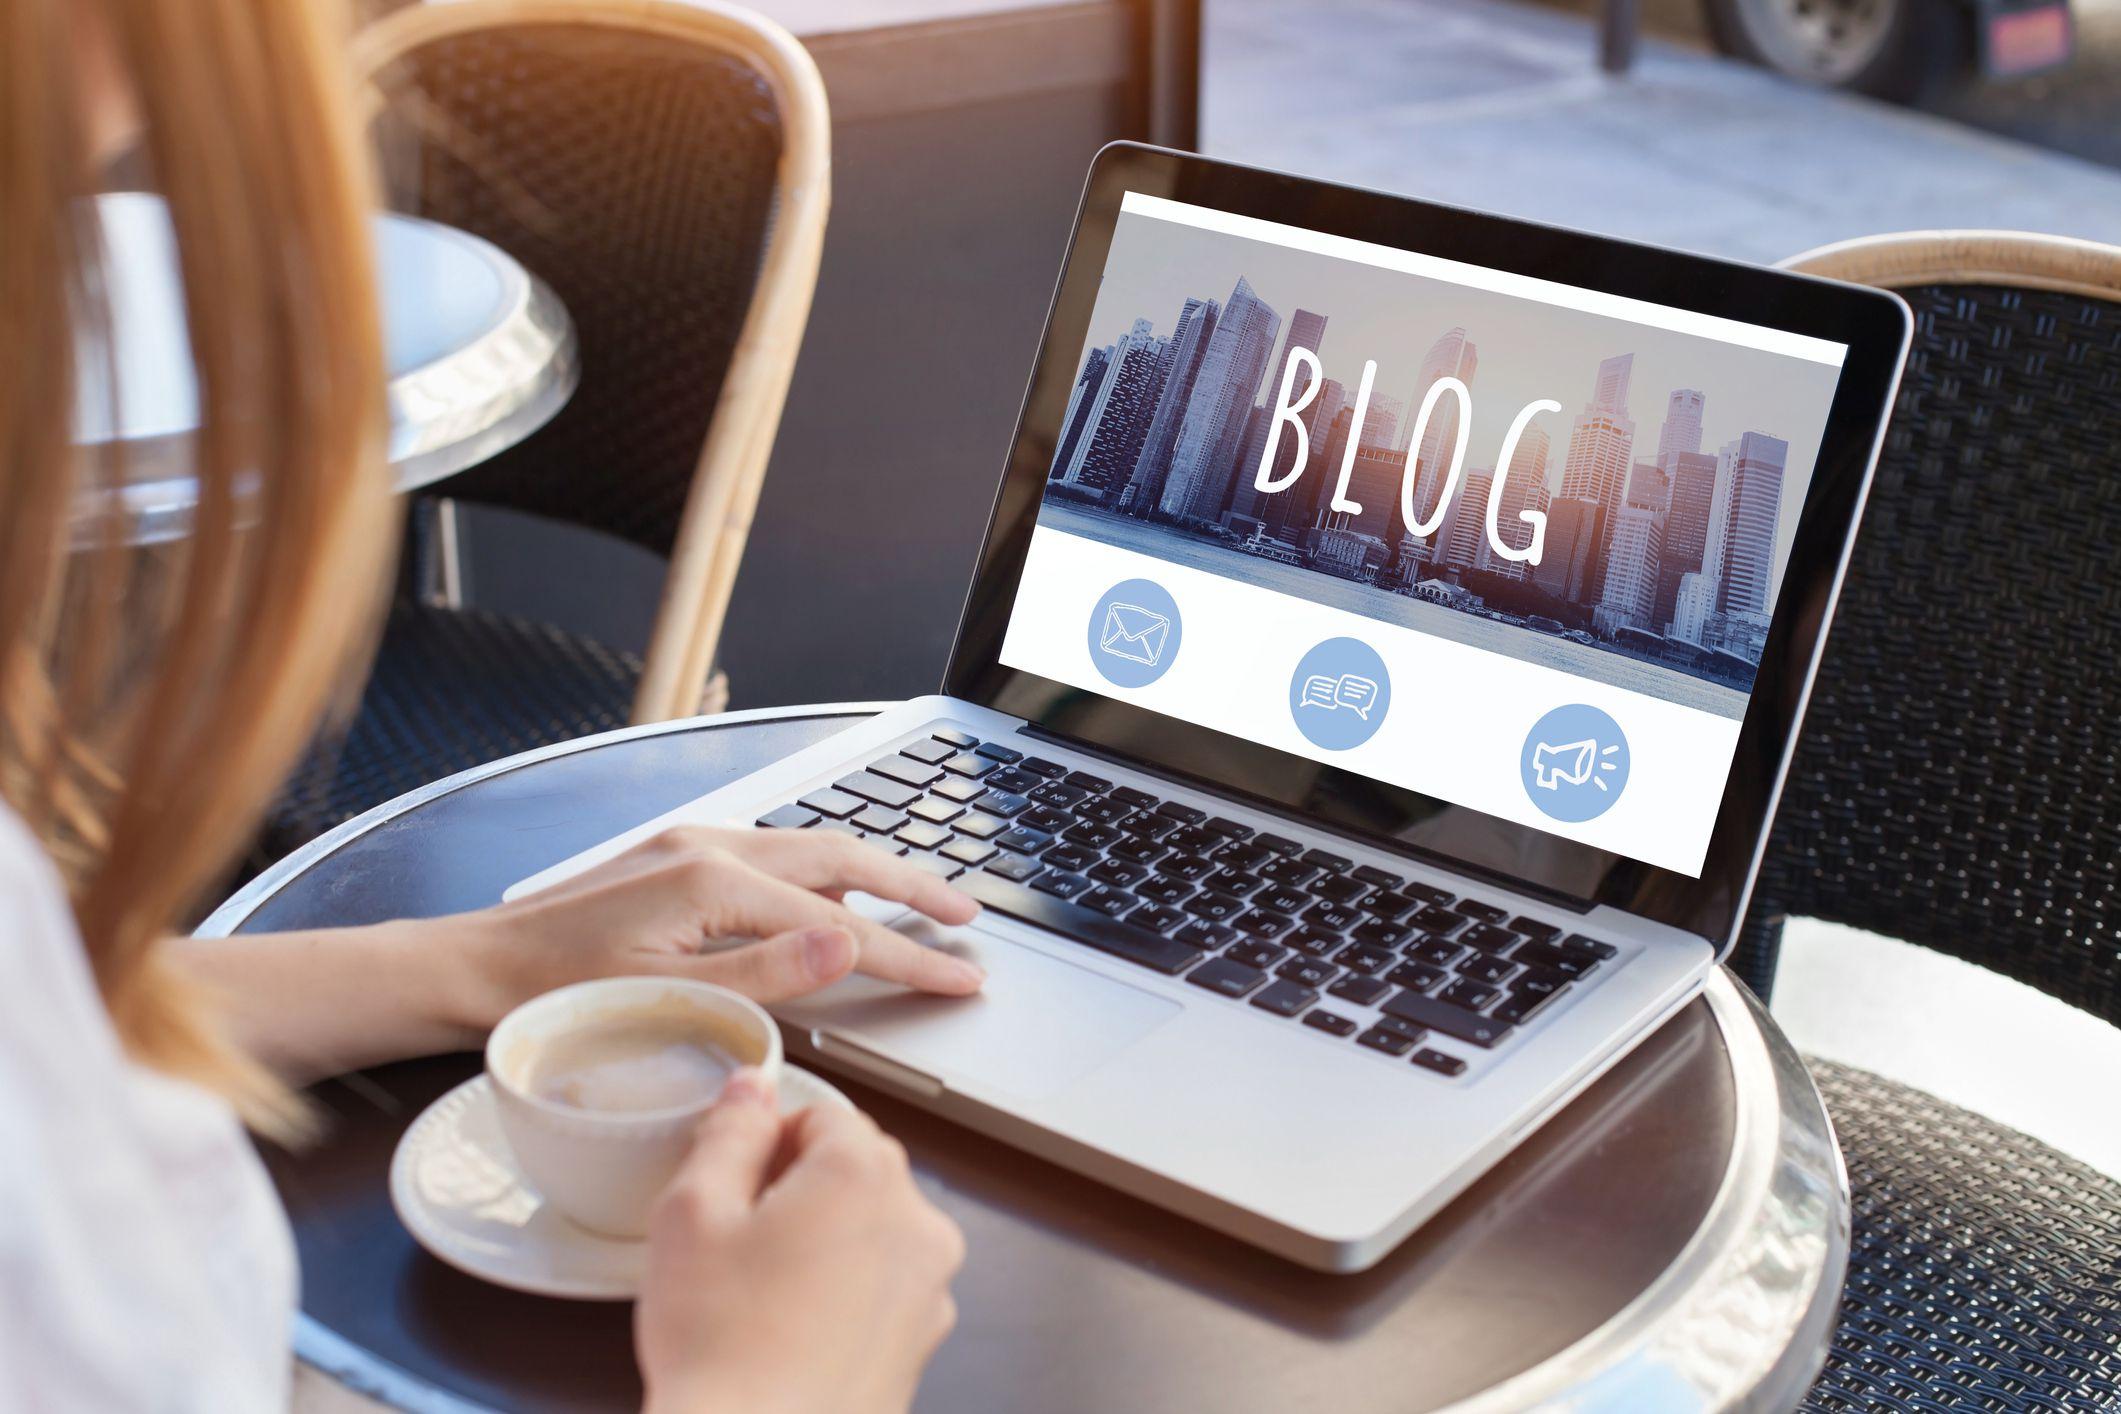 Kiếm tiền bằng blog hiệu quả nhất